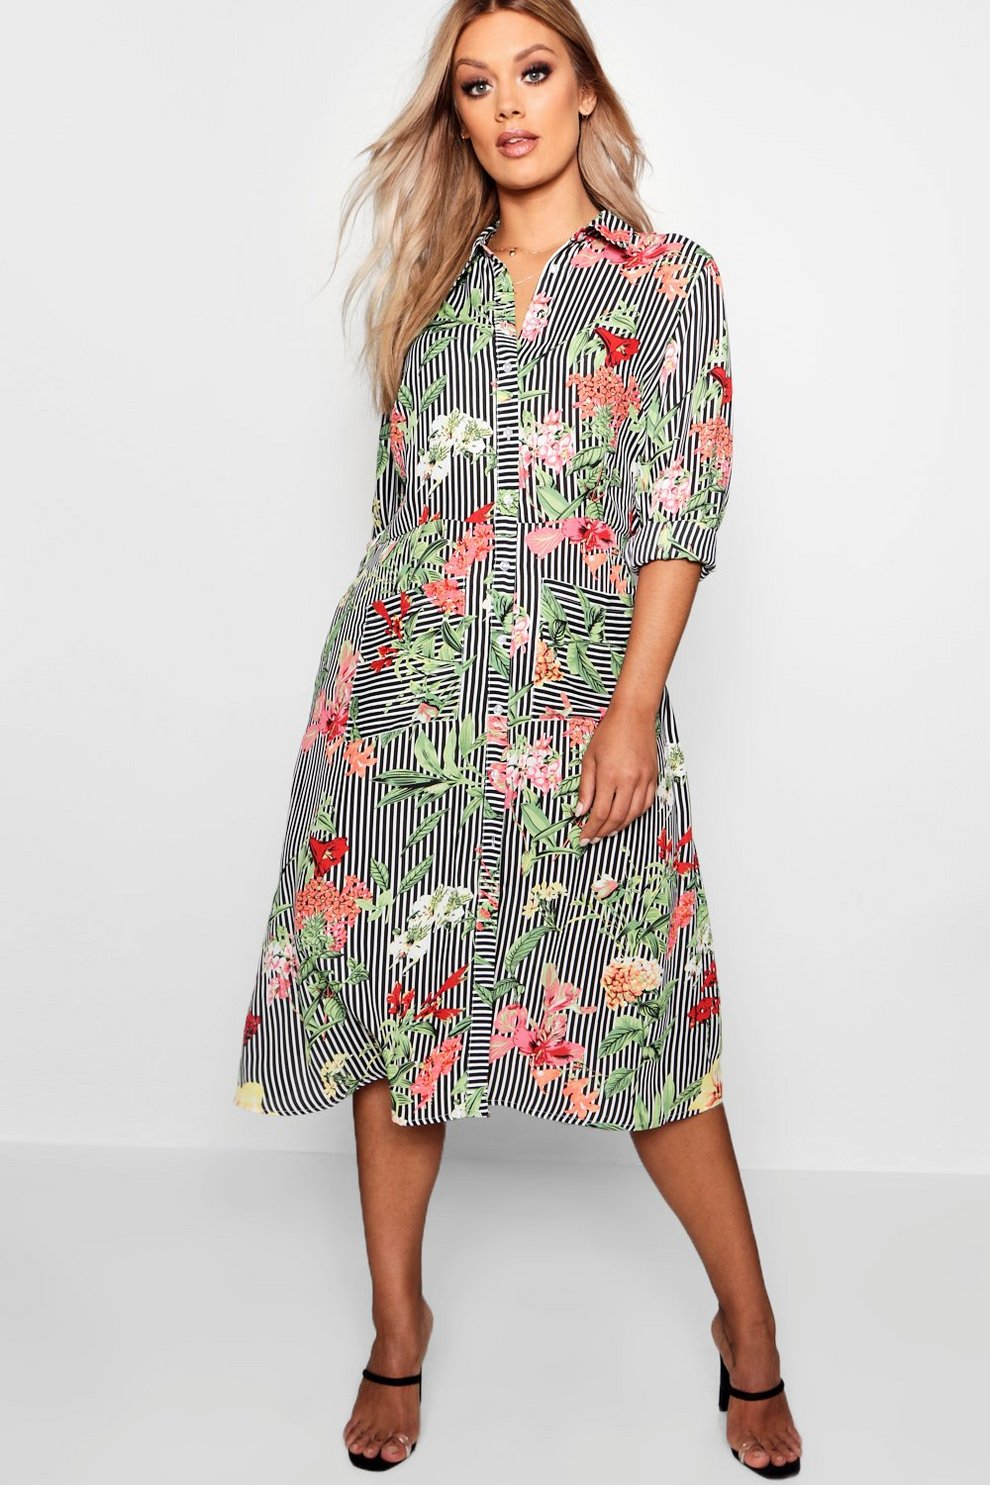 2b1966120 Vestido midi estilo camisa a rayas y flores Plus